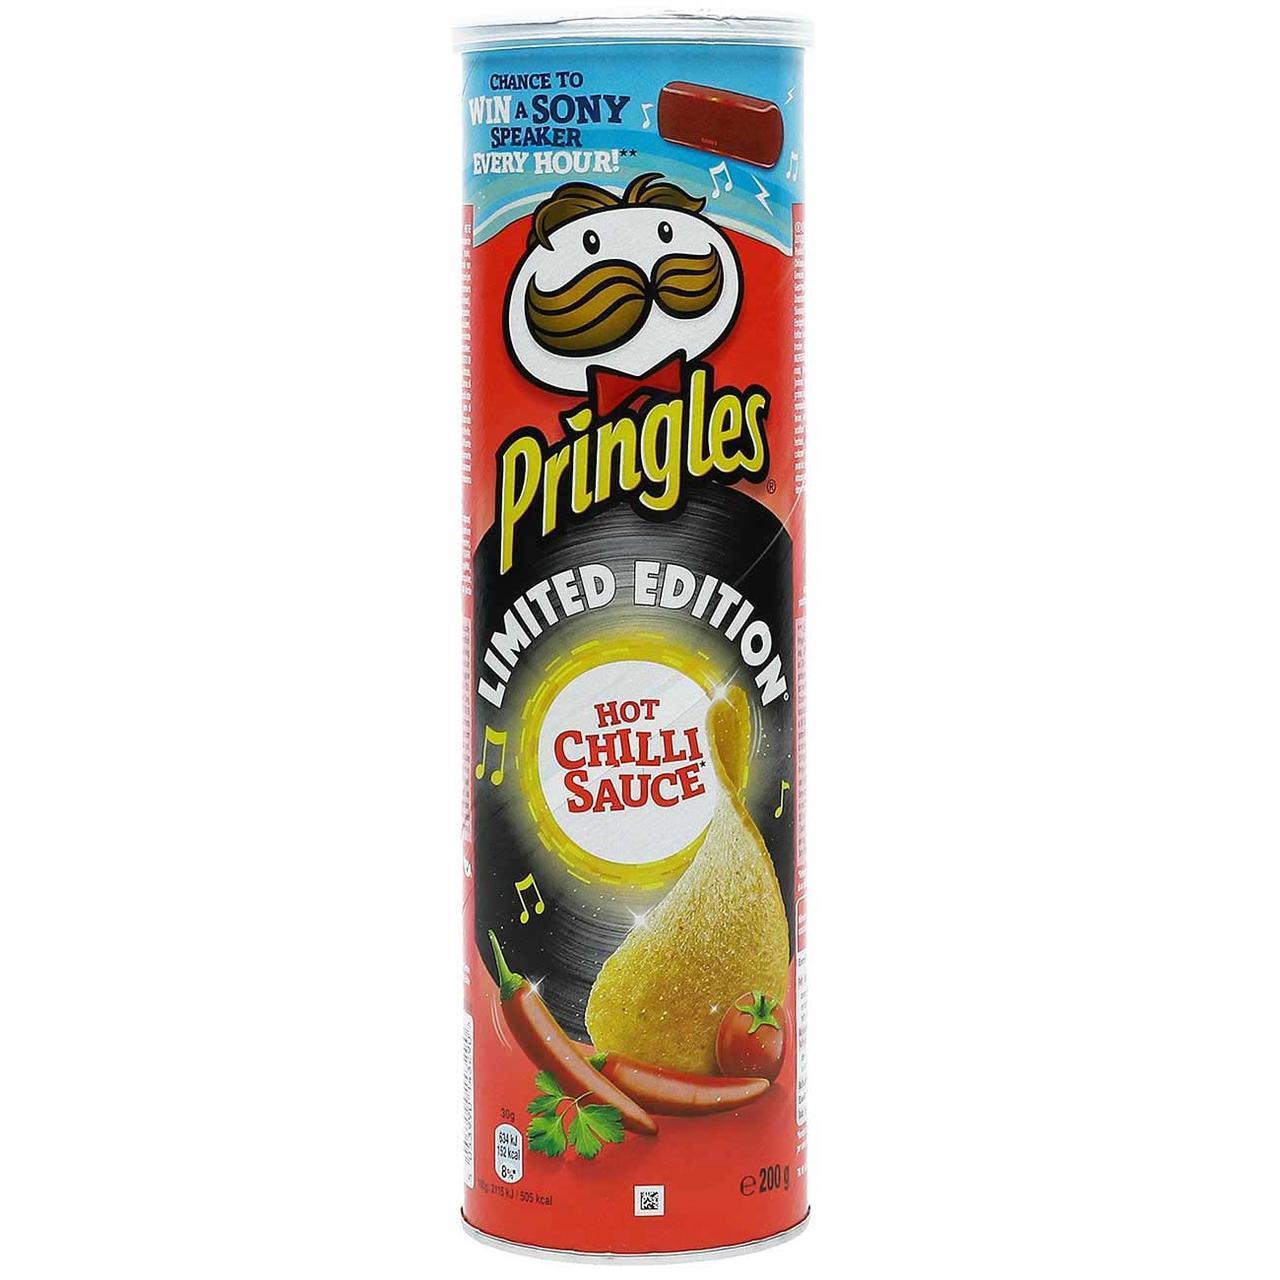 Pringles Hot Chili Sauce 200 g